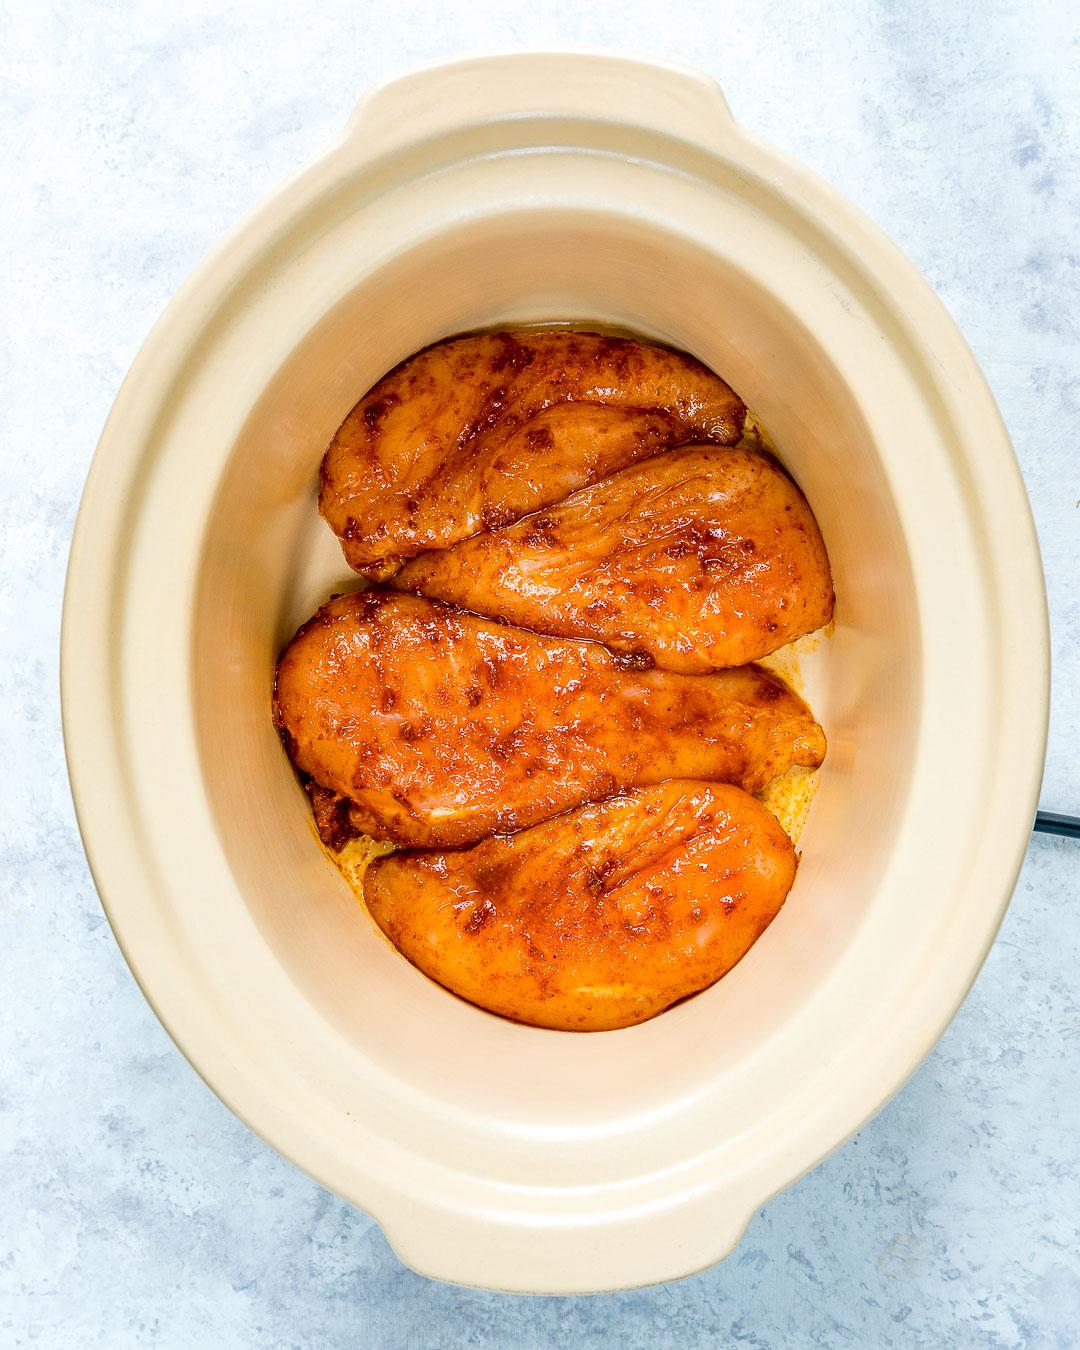 Cooked Boneless Chicken Ingredient